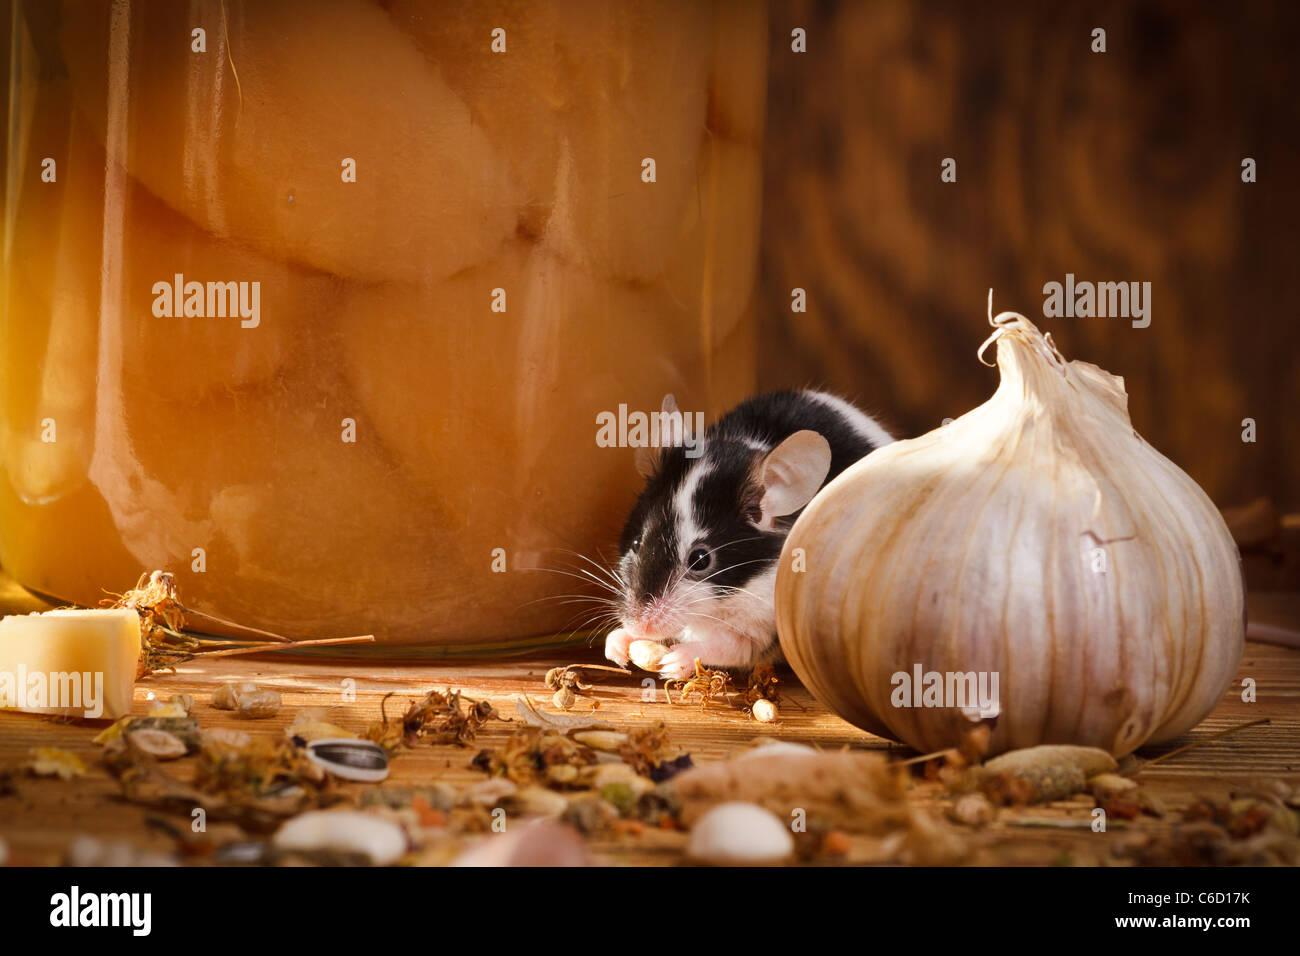 Kleine Maus Die Etwas Im Keller Zu Essen Stockfoto Bild